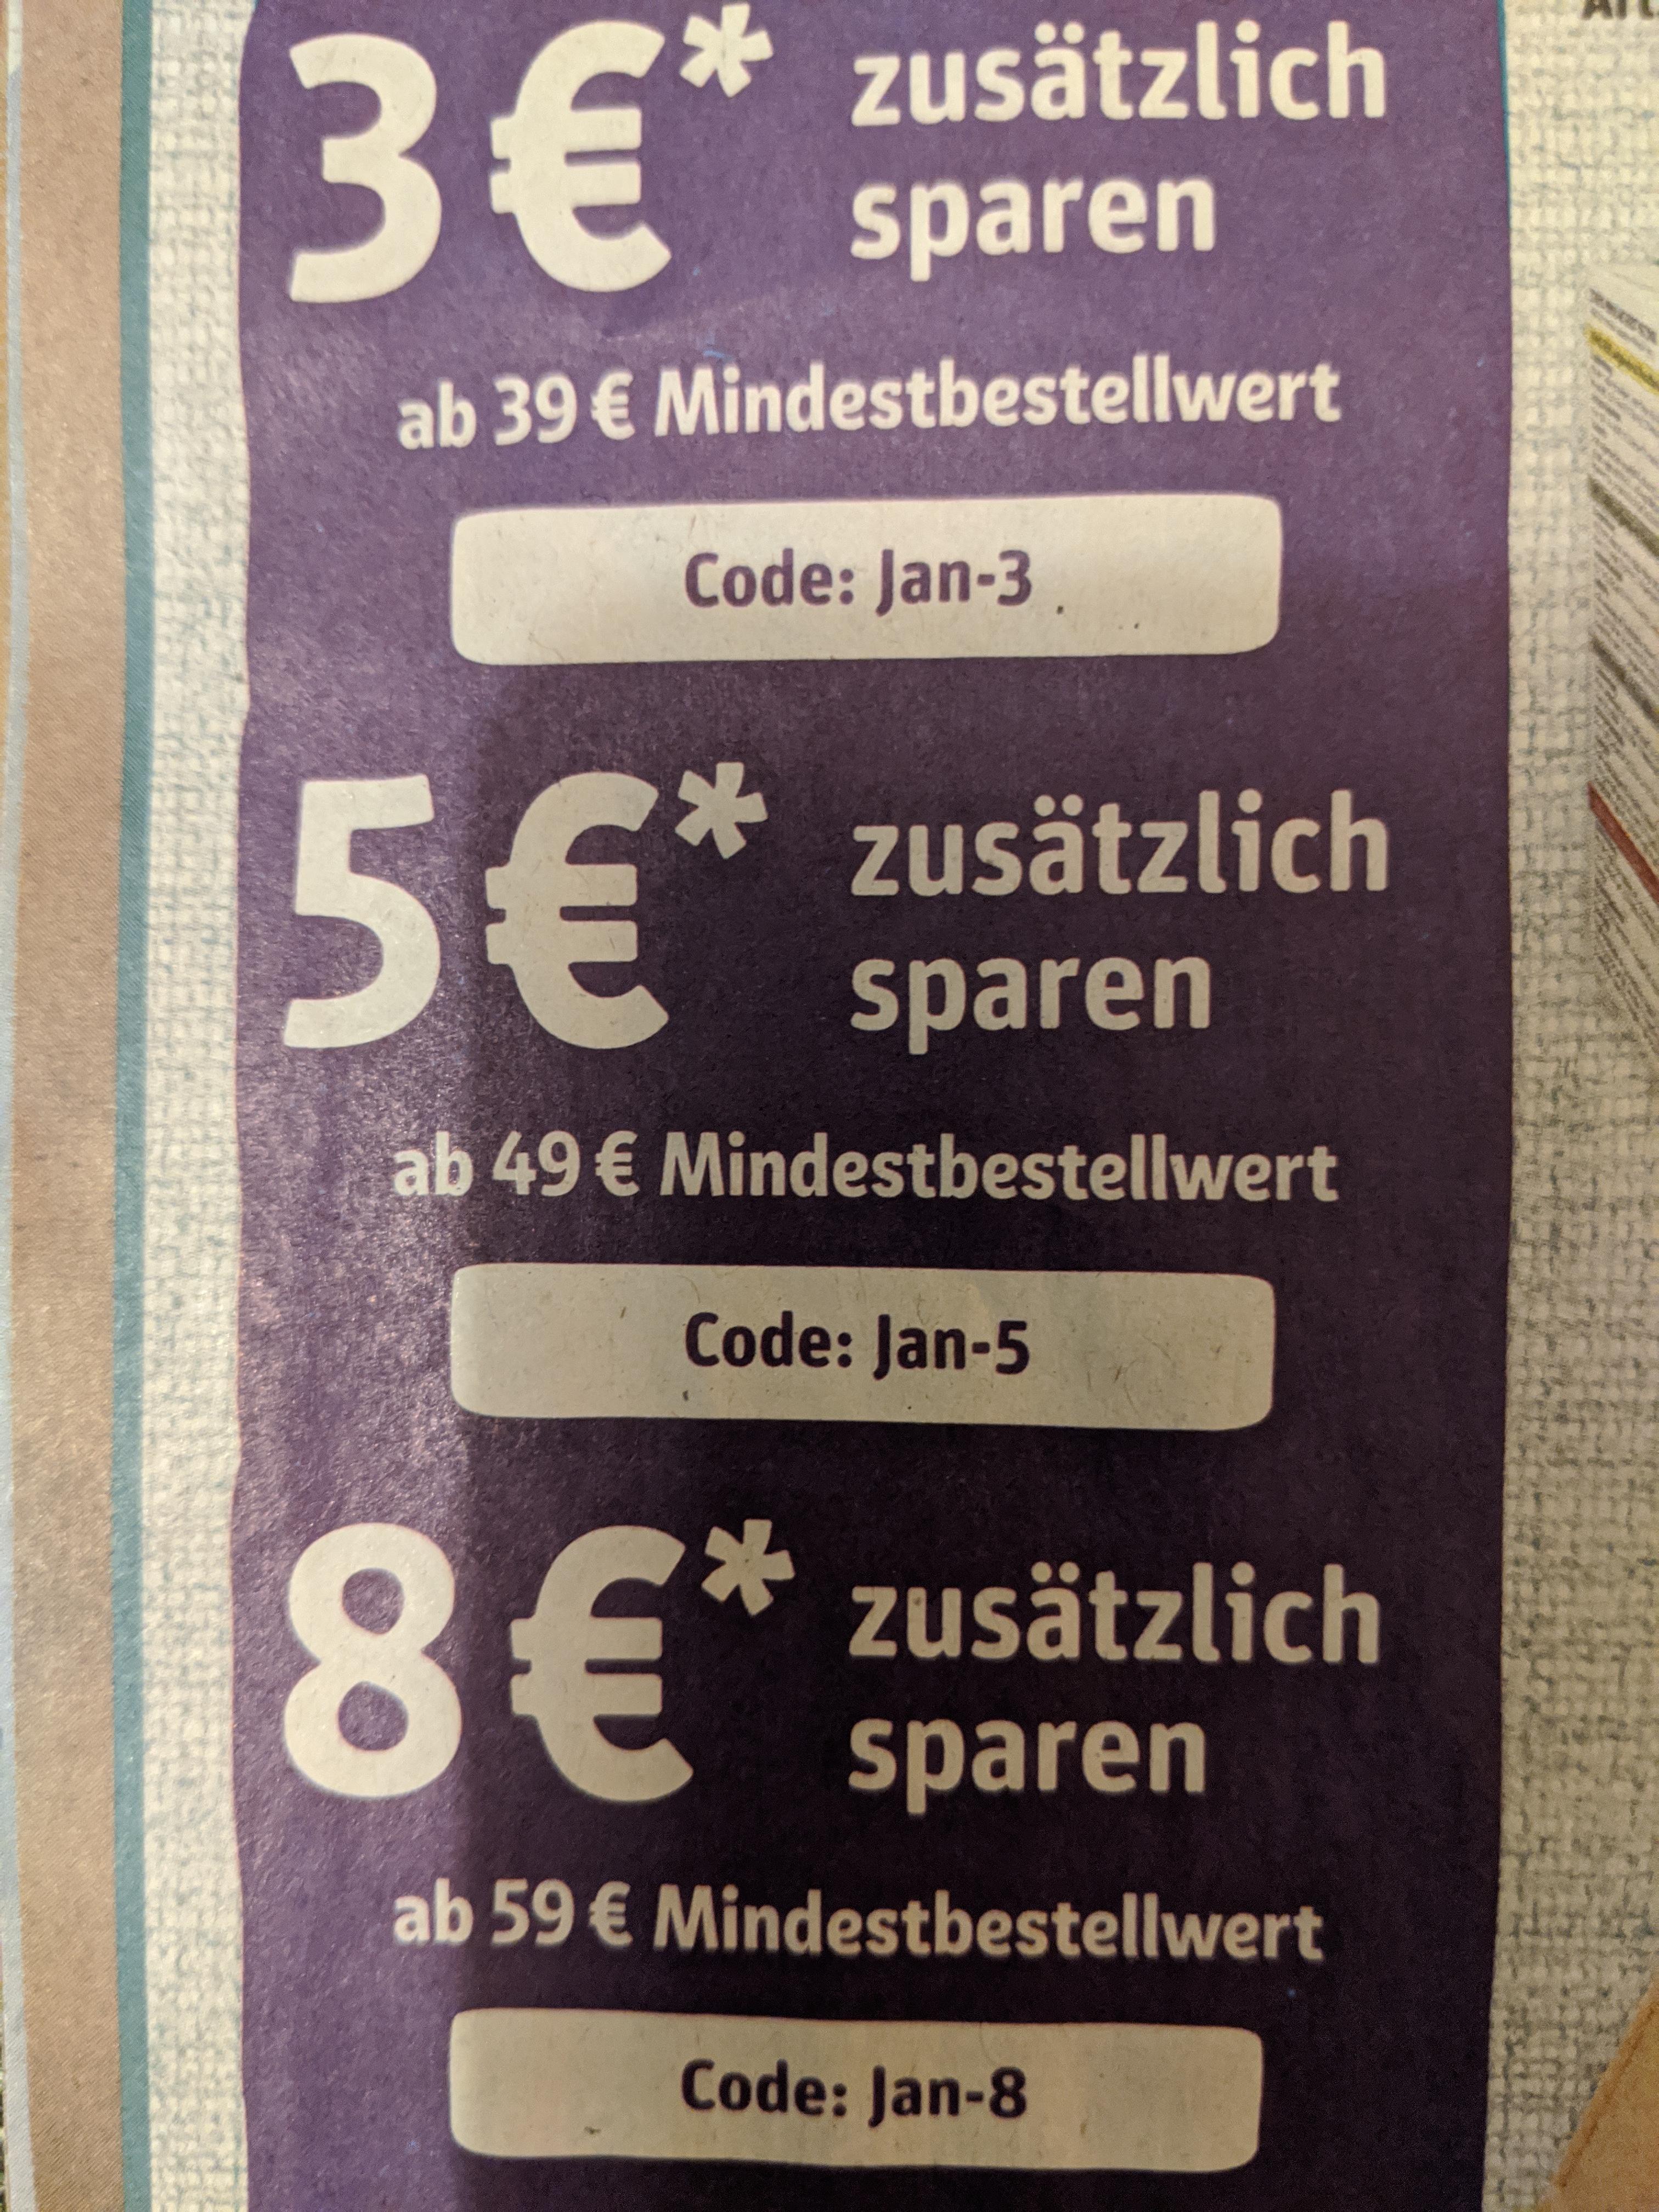 ZooRoyal - 3€, 5€ und 8€ sparen - MBW: 39€, 49€ und 59€